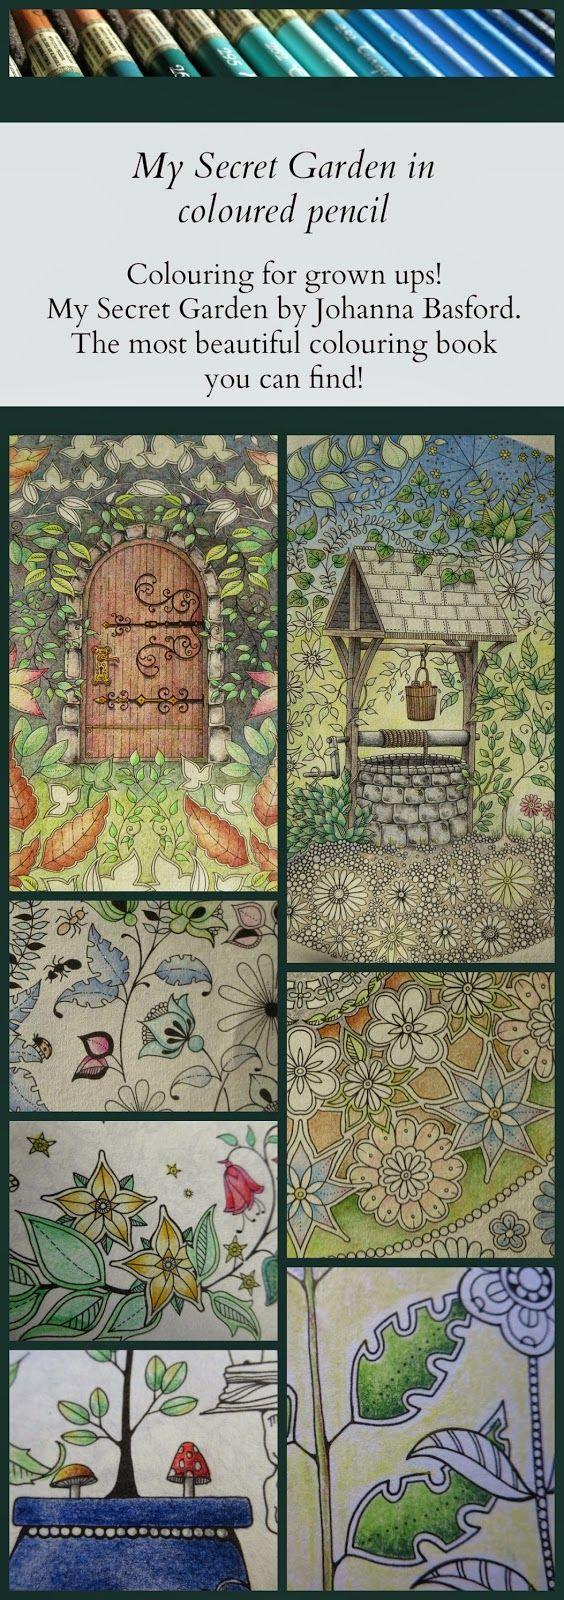 036287b8415de1e58b490e1b9f8240e6 Adult Colouring In Coloring Books